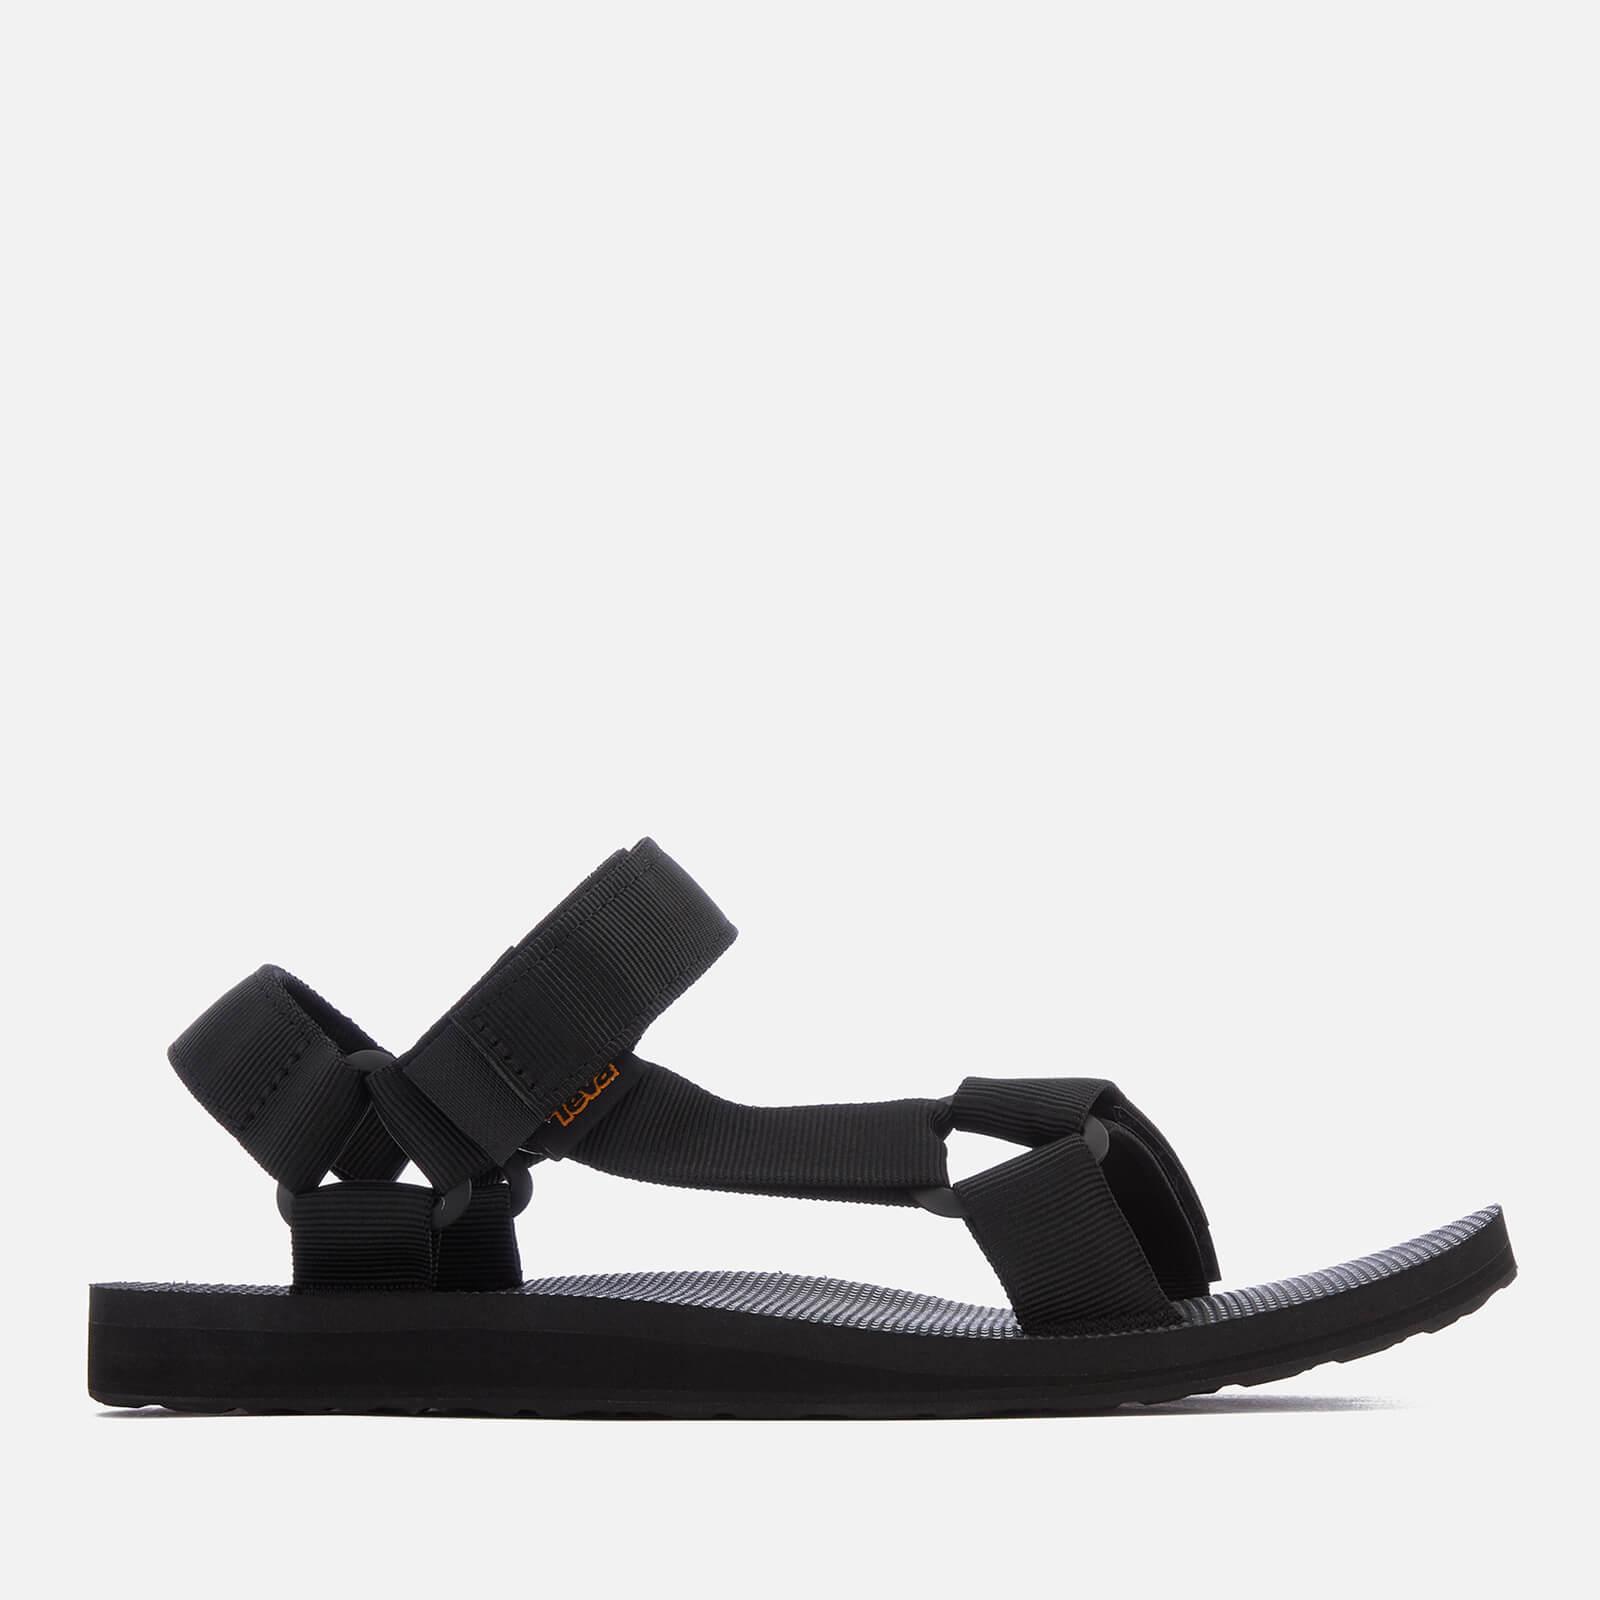 Teva Men's Original Universal Urban Sport Sandals - Black - UK 9